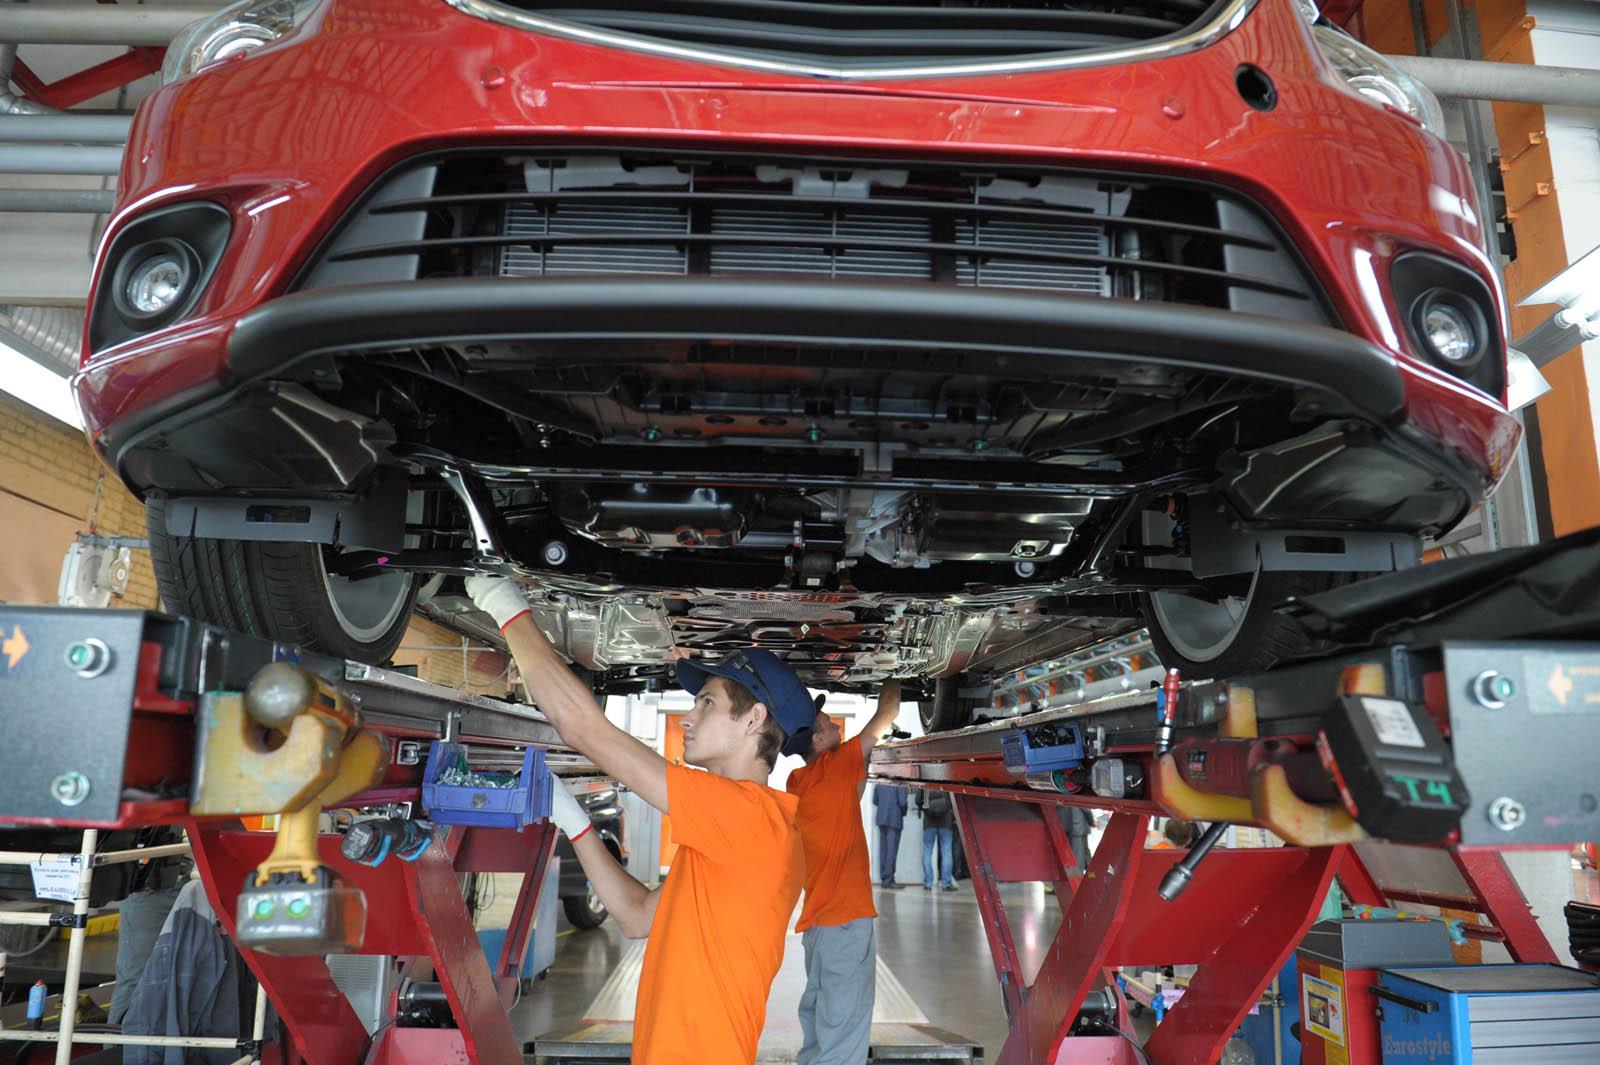 Выпуск автомобилей в 2015 году может возрасти на 1,5% - журнал За рулем